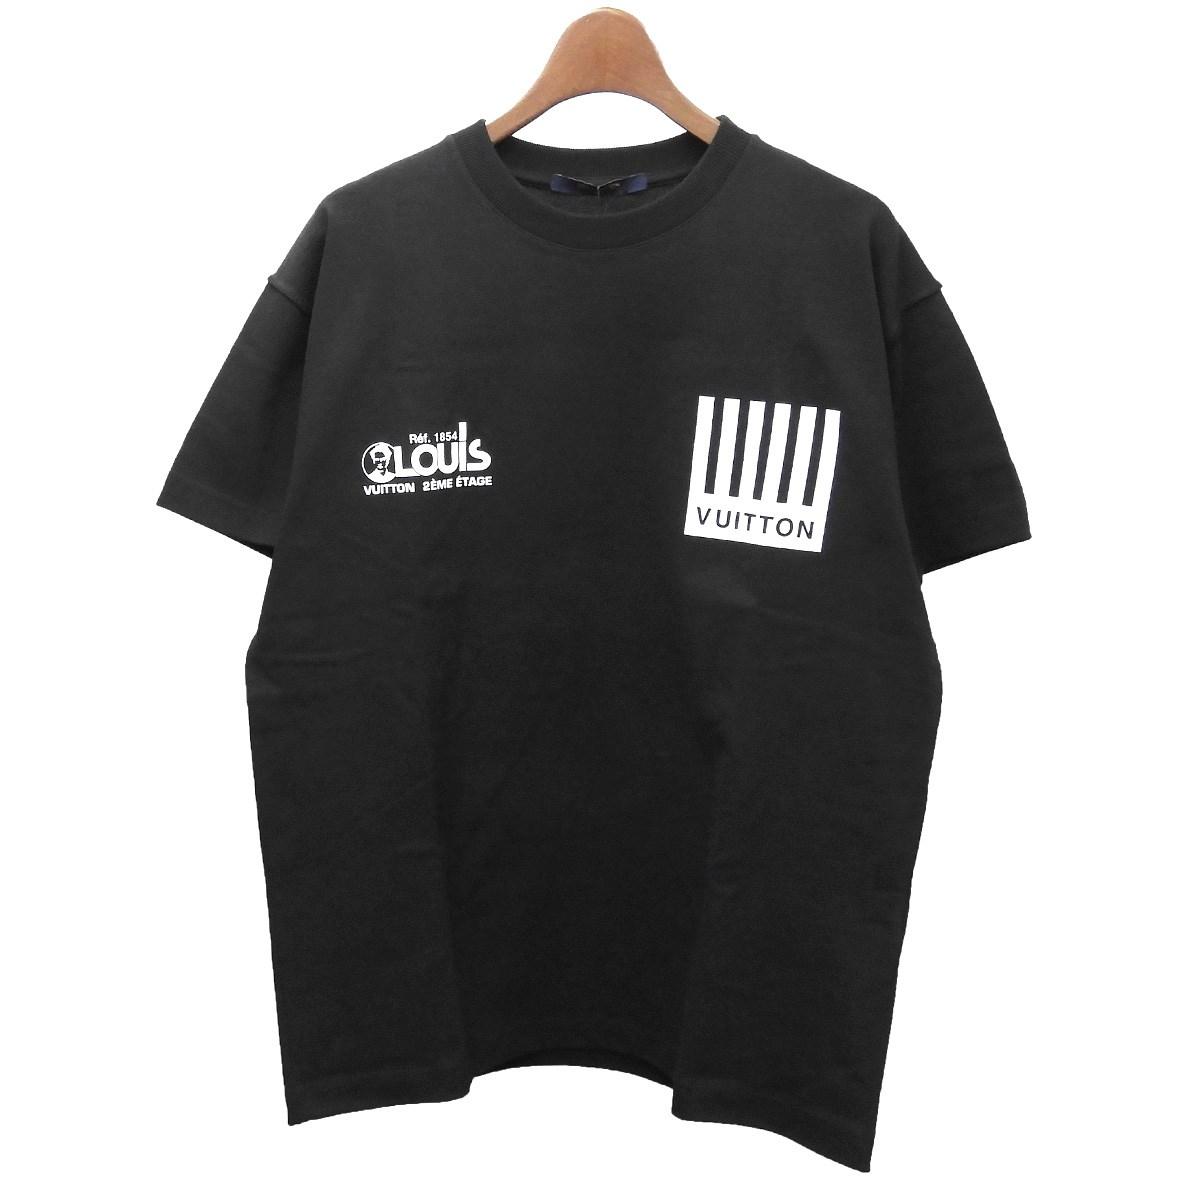 【中古】LOUIS VUITTON 2019AW マルチロゴモノグラムフラワープリンテッドTシャツ ブラック サイズ:XS 【170420】(ルイヴィトン)